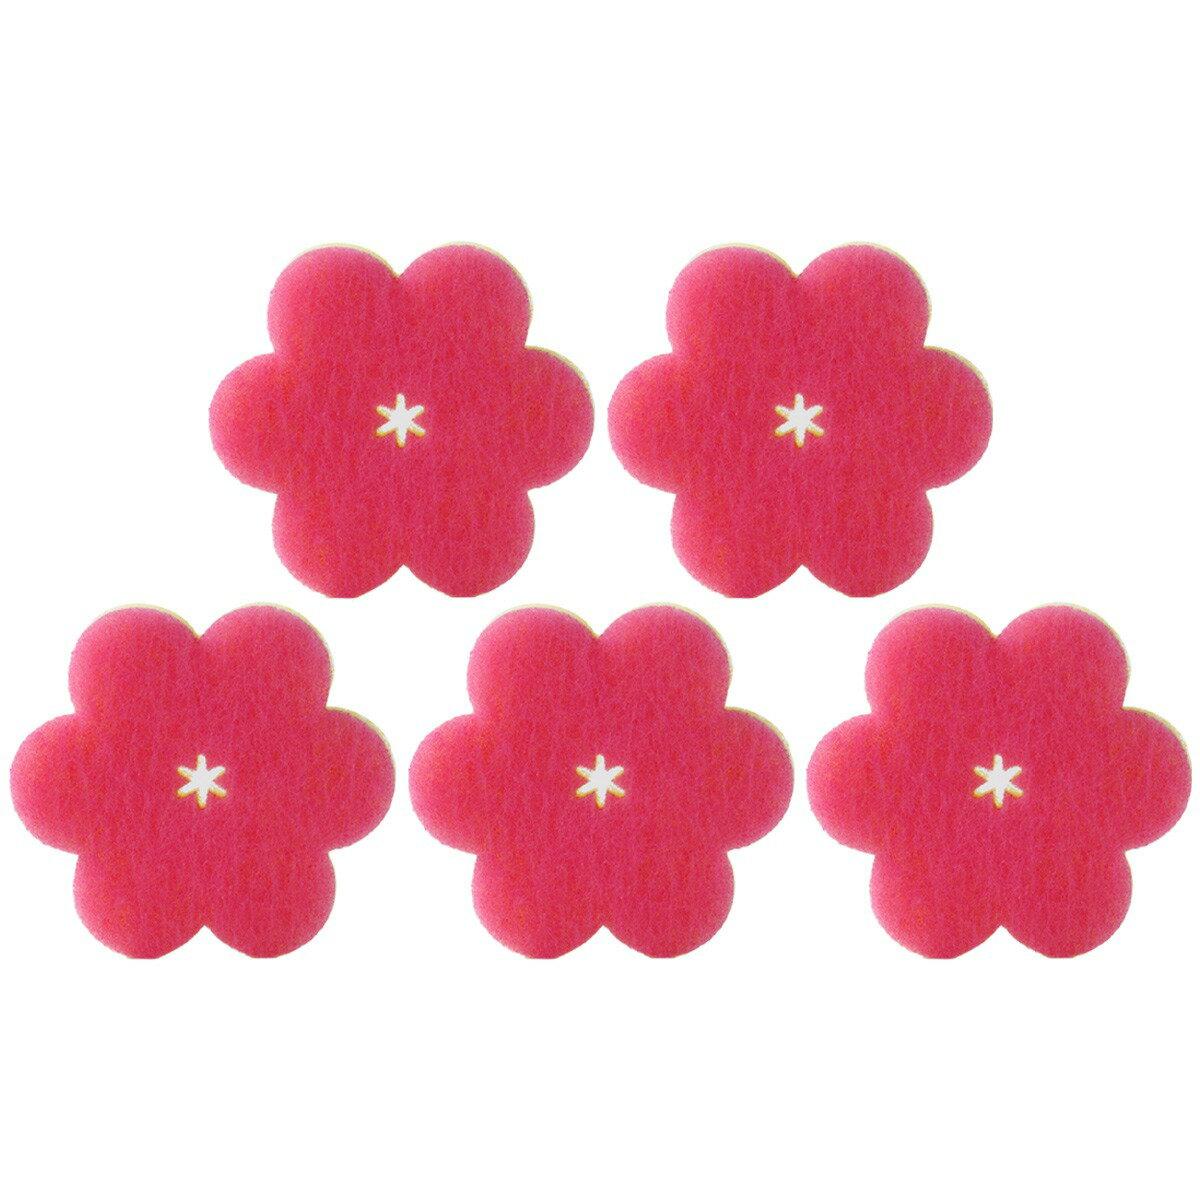 マーナスポンジおはなスポンジディープピンクK364DP5個セット日本国内正規品あす楽マーナMarna